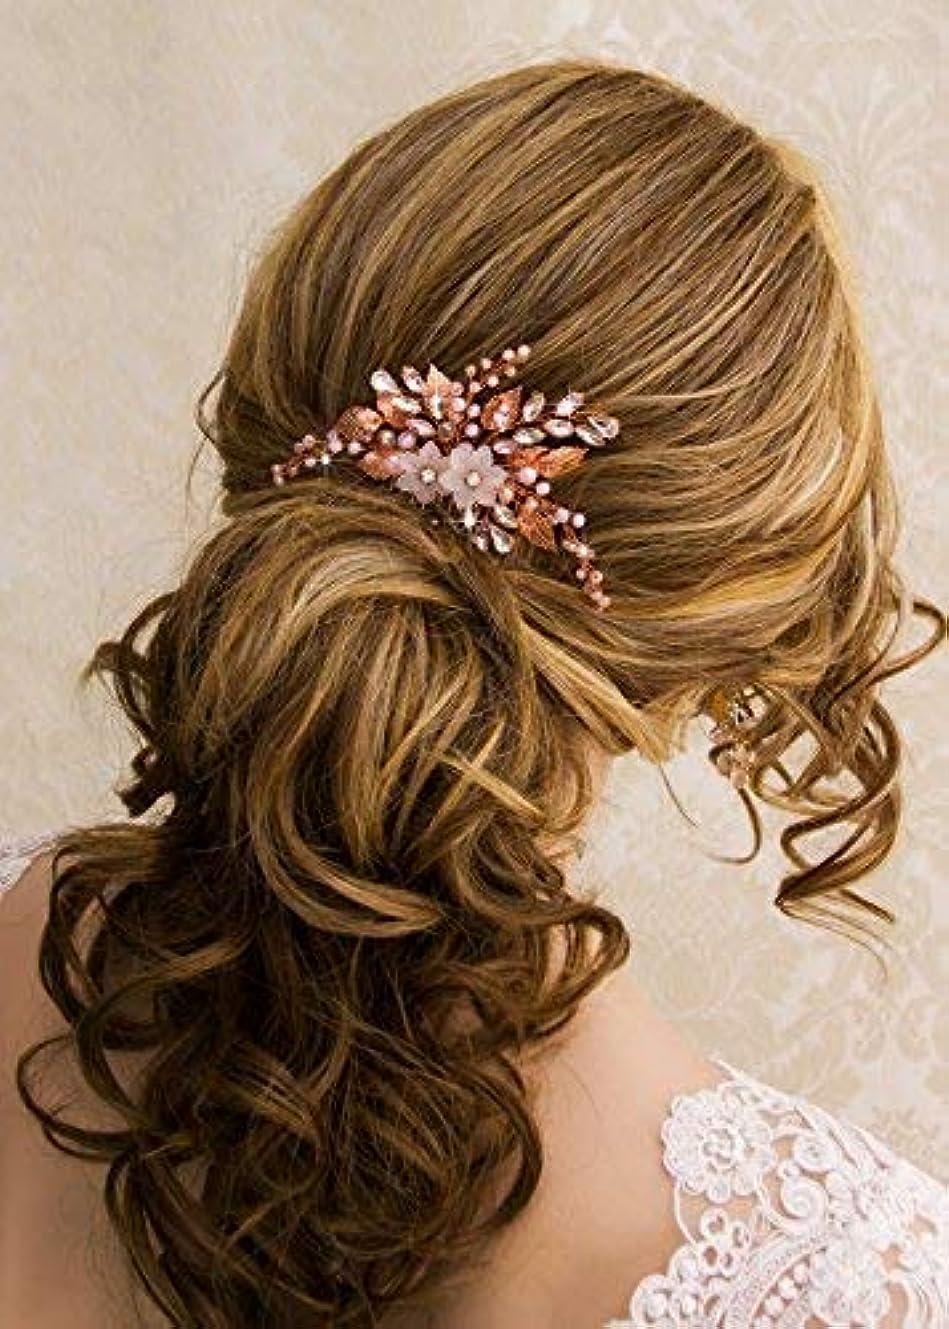 矢北東受付Kercisbeauty Wedding Rose Gold Hair Comb with Pink Pearl Earrings Set for Bride Bridesmaid Headpiece Prom Hair...